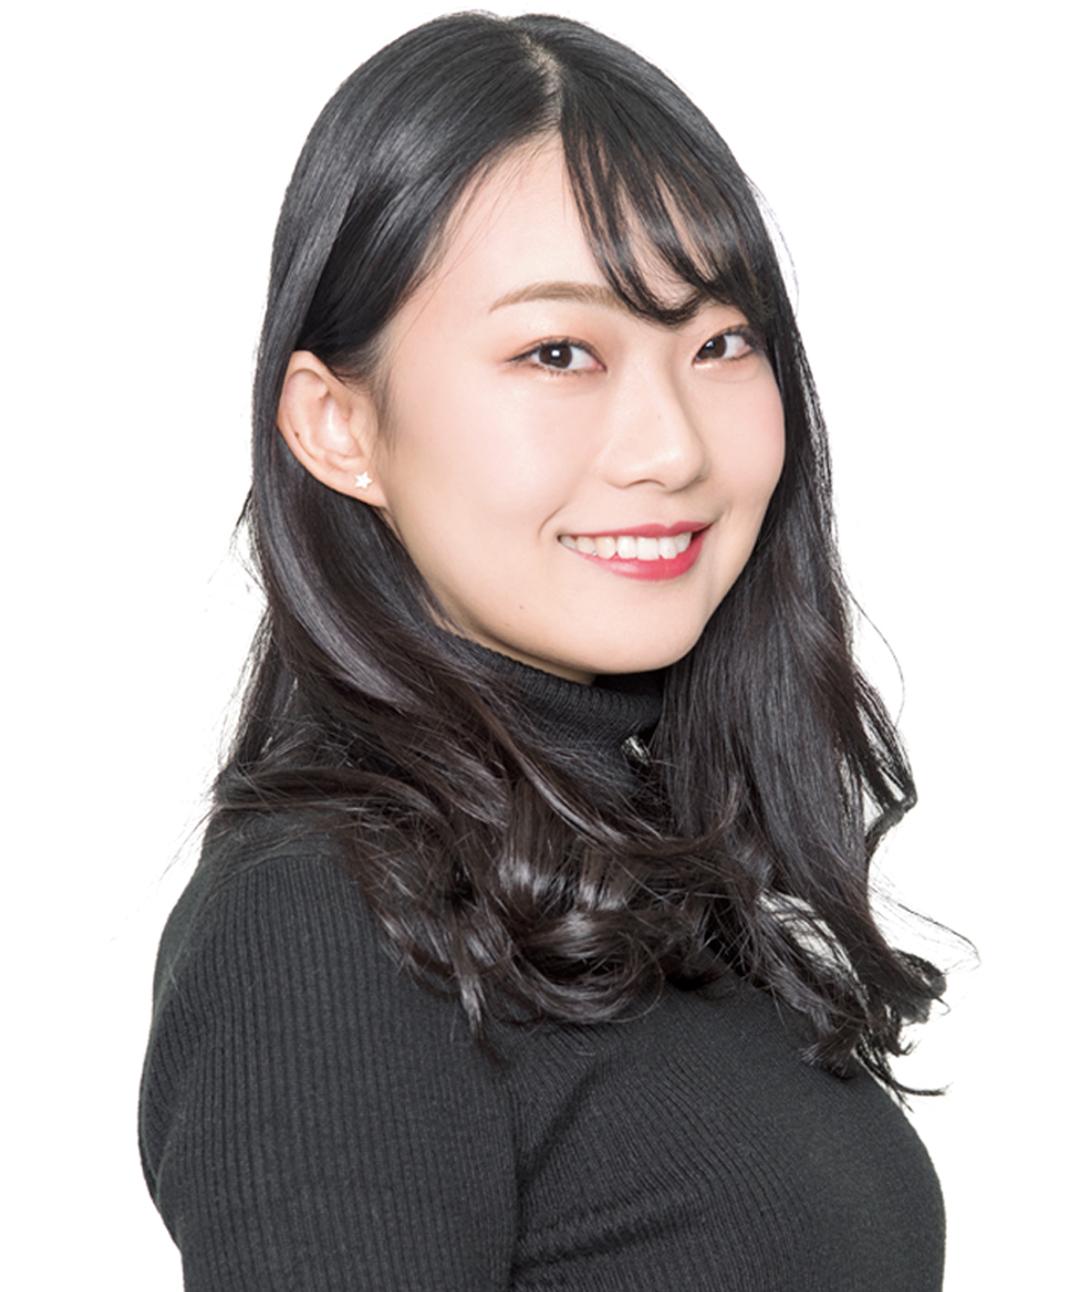 祝♡ 新加入! 5期生のブログをまとめてチェック【カワイイ選抜】_1_2-2